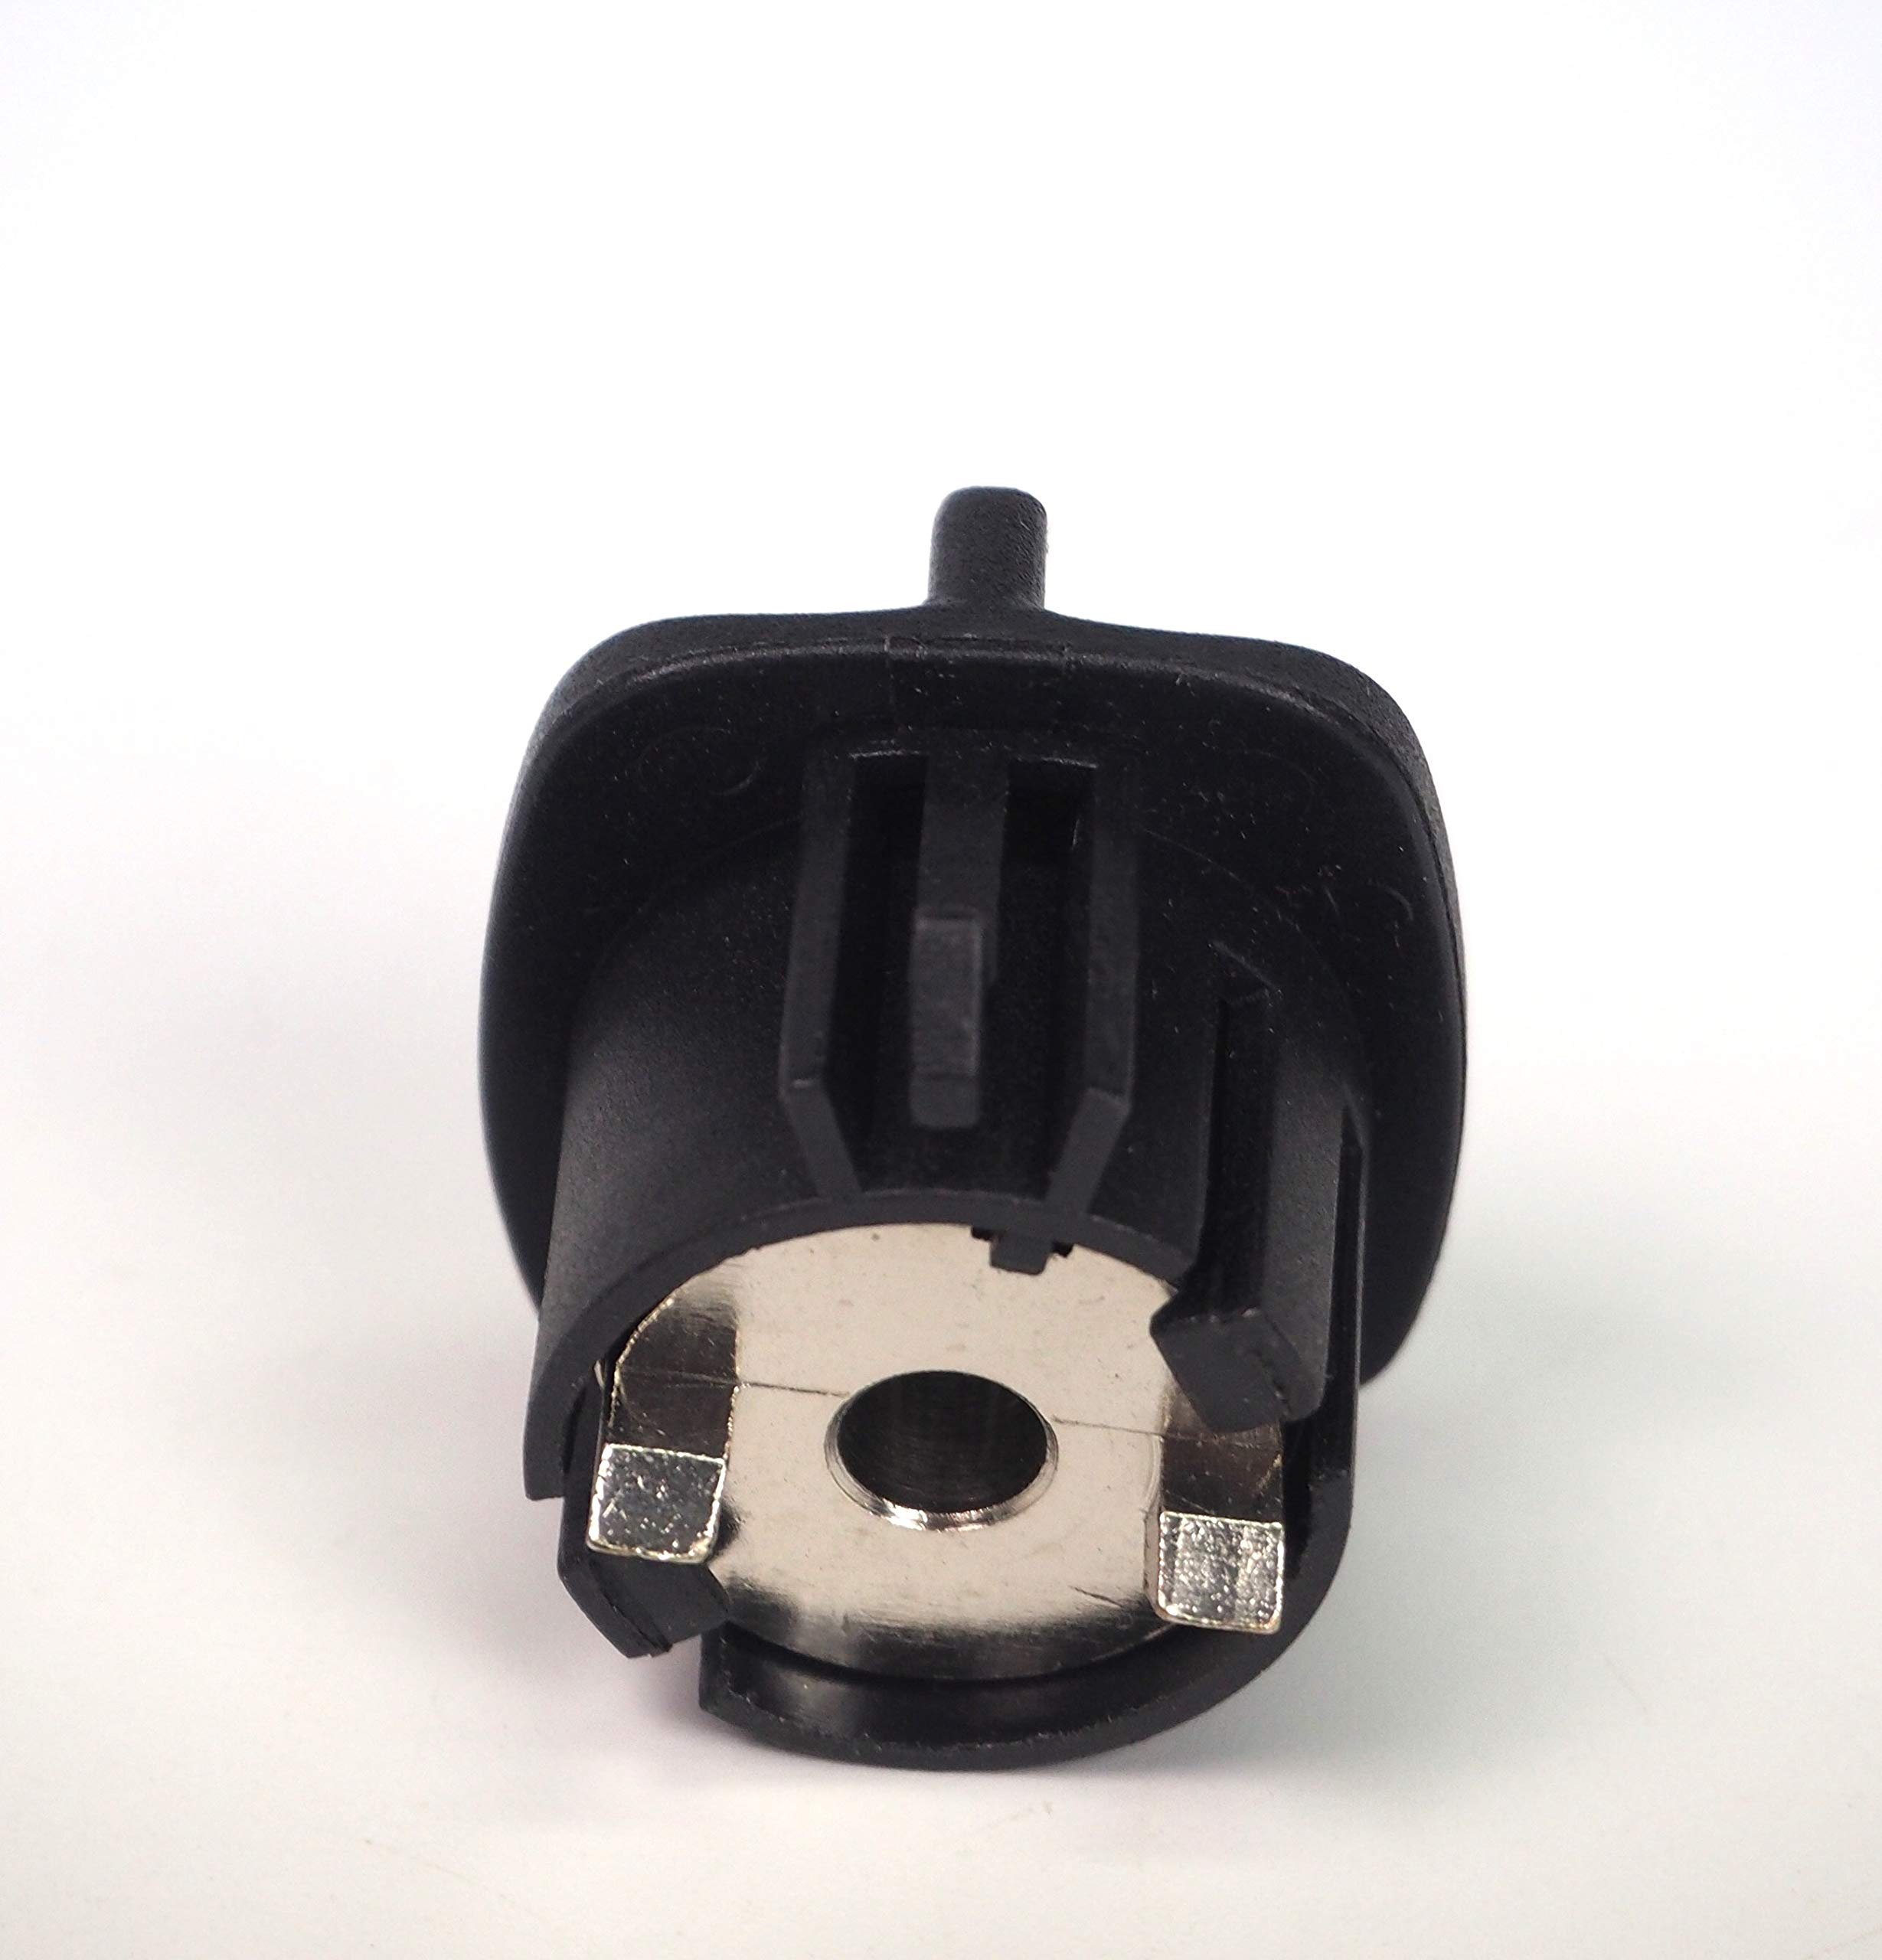 Blíster Válvula giratoria de olla a presión DECOR   Recambio adaptable a DECOR OLYMPIC olla rápida tradicional   Válvula de seguridad de acero para olla express   Plateada: Amazon.es: Hogar